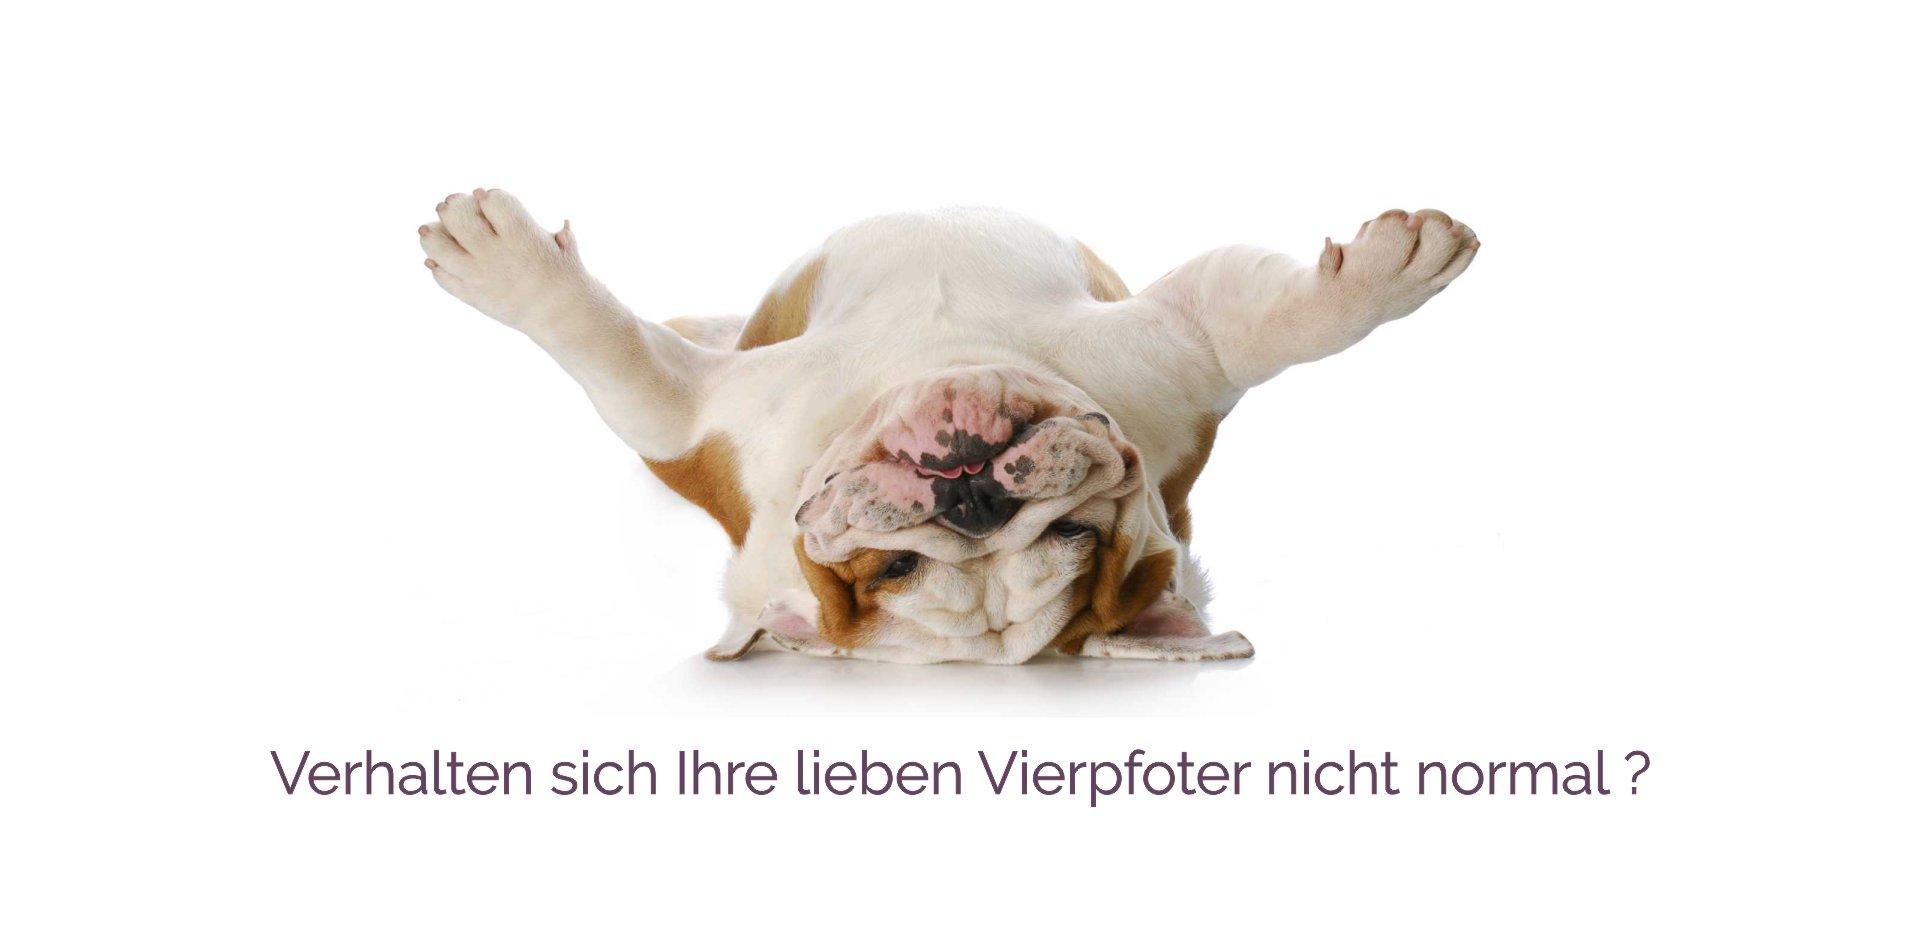 O-ZEN Portfolio, Beispiel gestaltung Internetseite Verhalten von Hunde - hund liegt auf dem Rücken